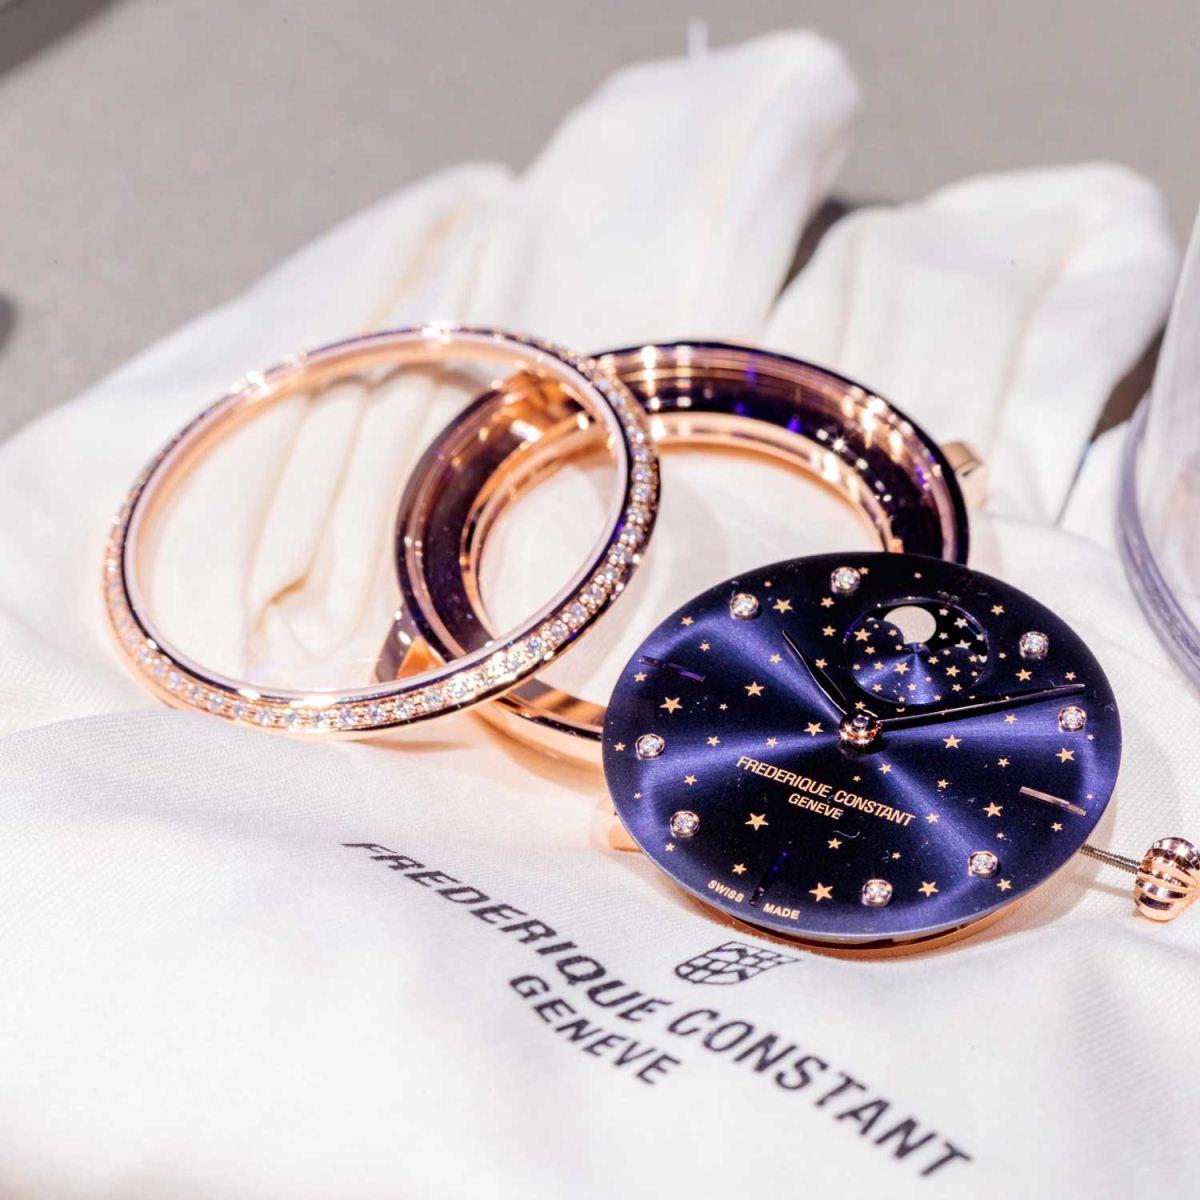 mặt số đồng hồ Frédérique Constant Slimline Moonphase